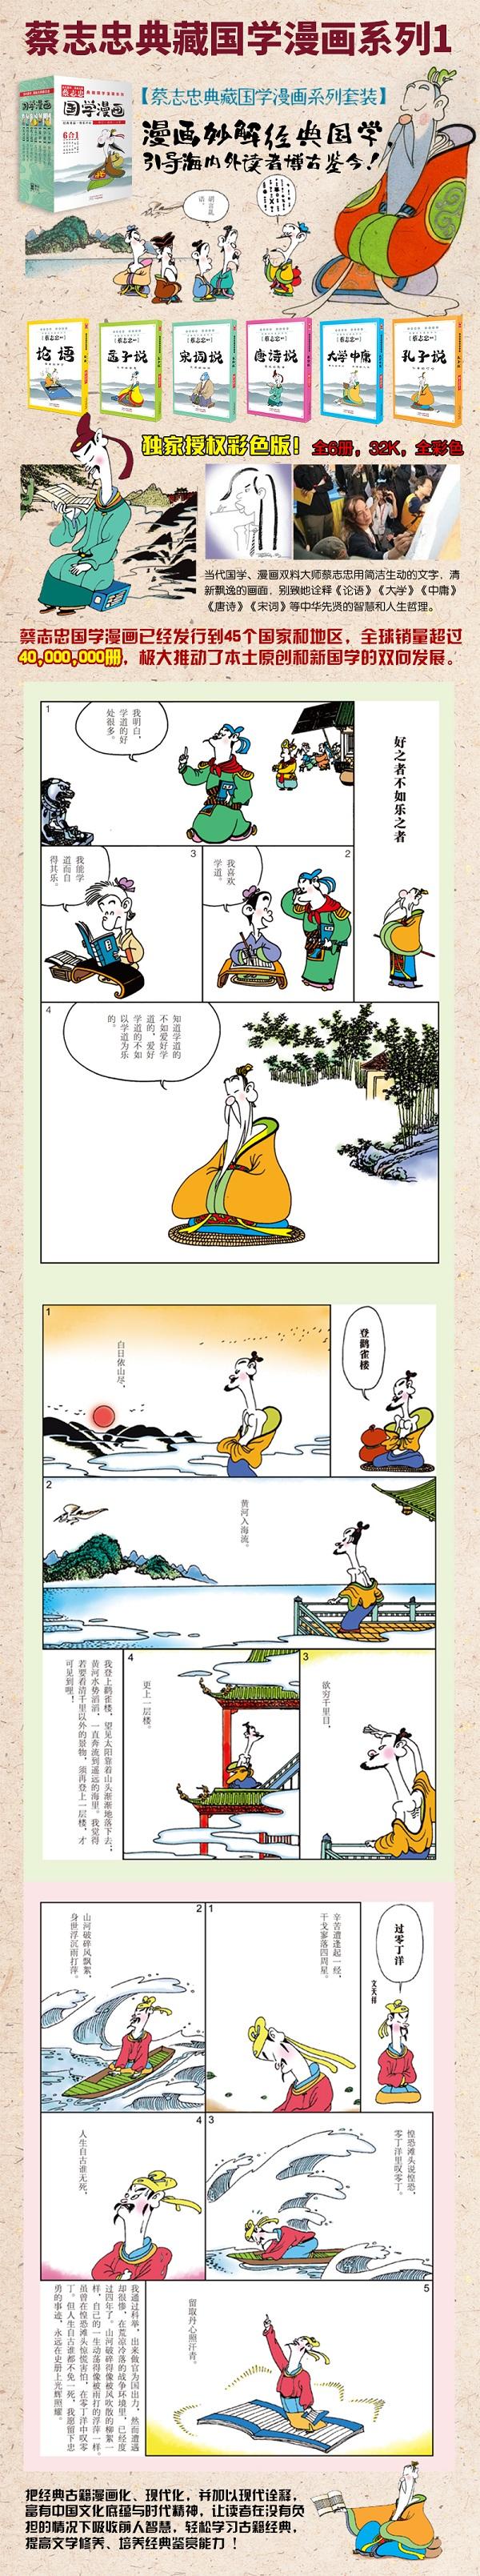 蔡志忠国学漫画特色图 1 2020更新.jpg